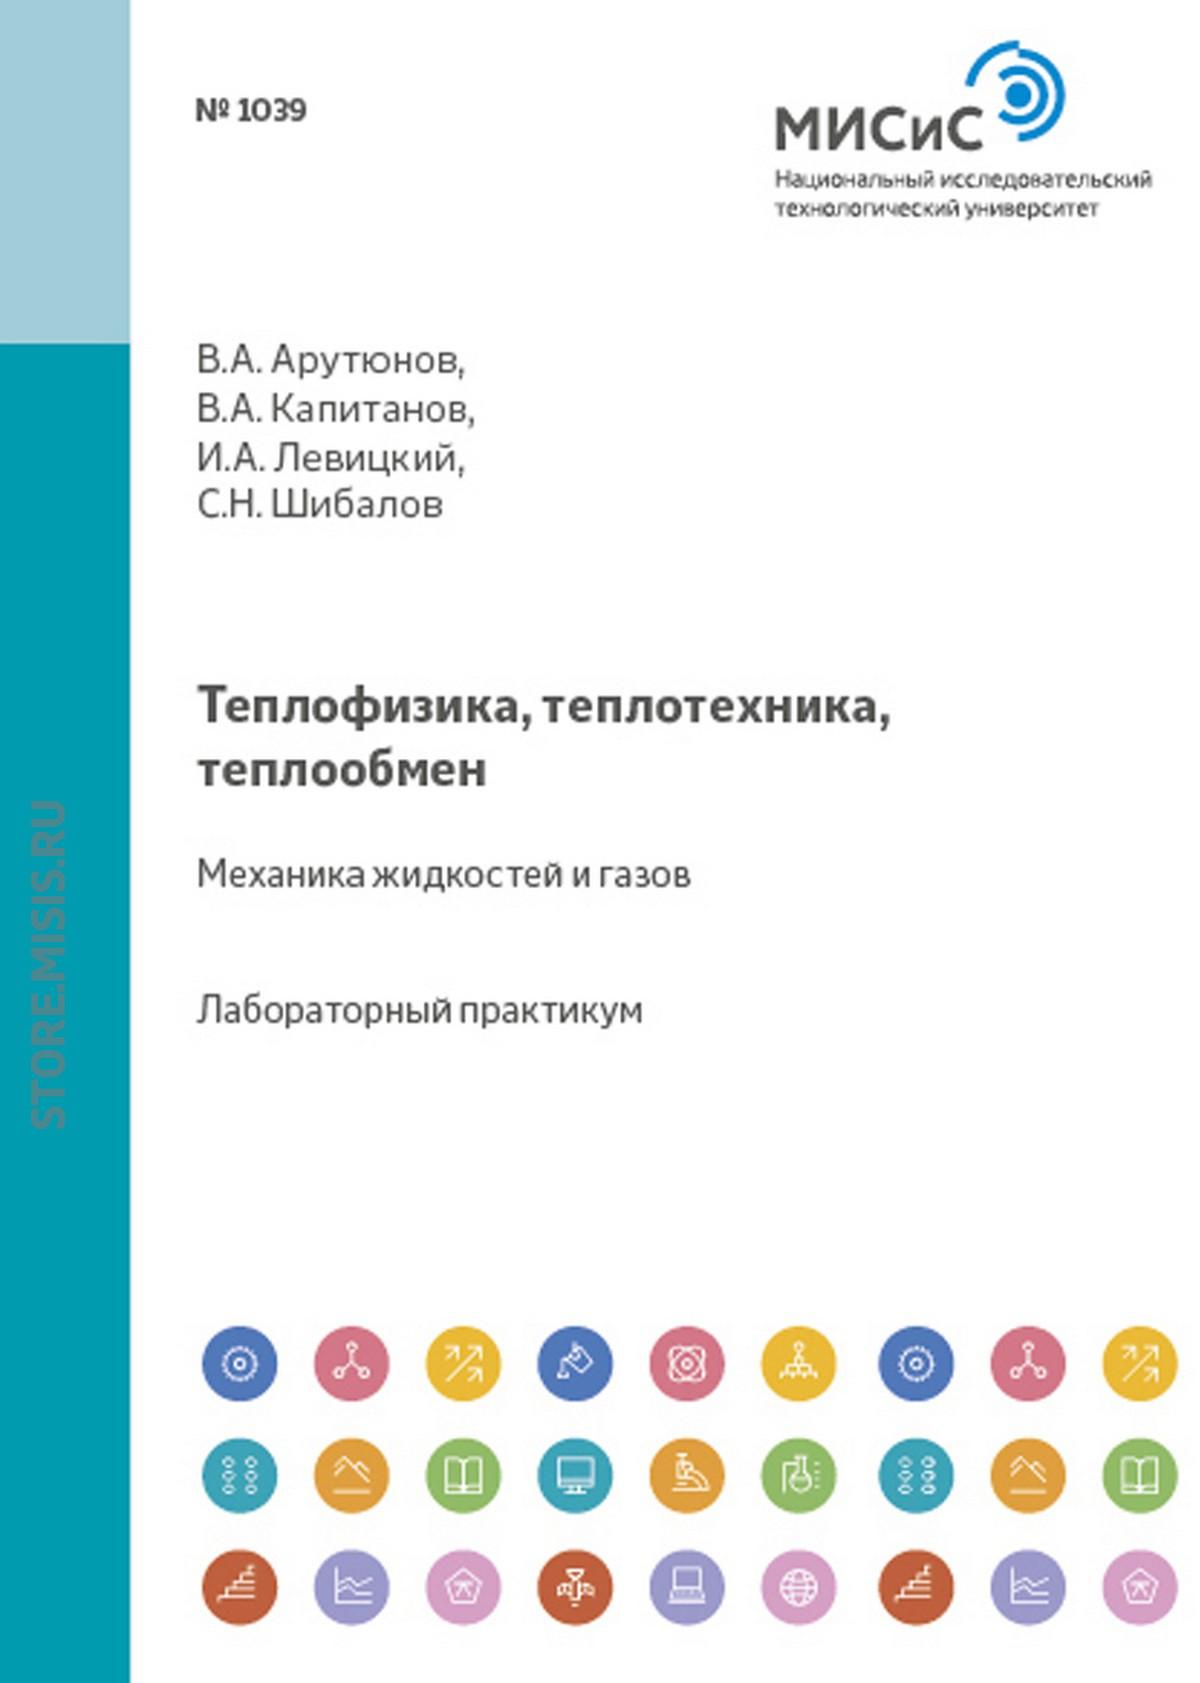 Владимир Арутюнов Теплофизика, теплотехника, теплообмен. Механика жидкостей и газов сергей крупенников теплофизика и теплотехника теплофизика